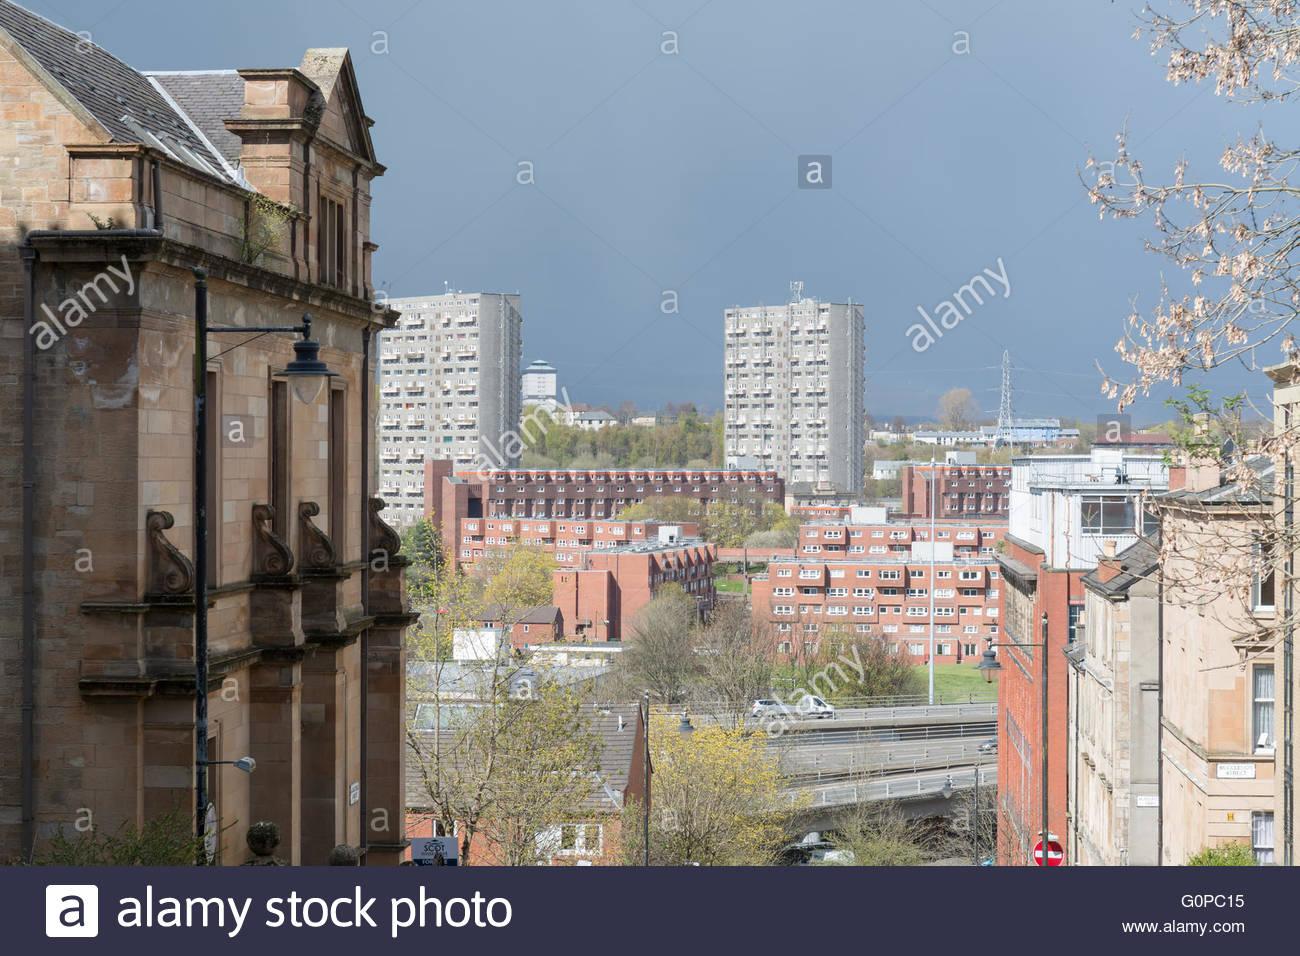 Glasgow housing styles, Scotland, UK - Stock Image